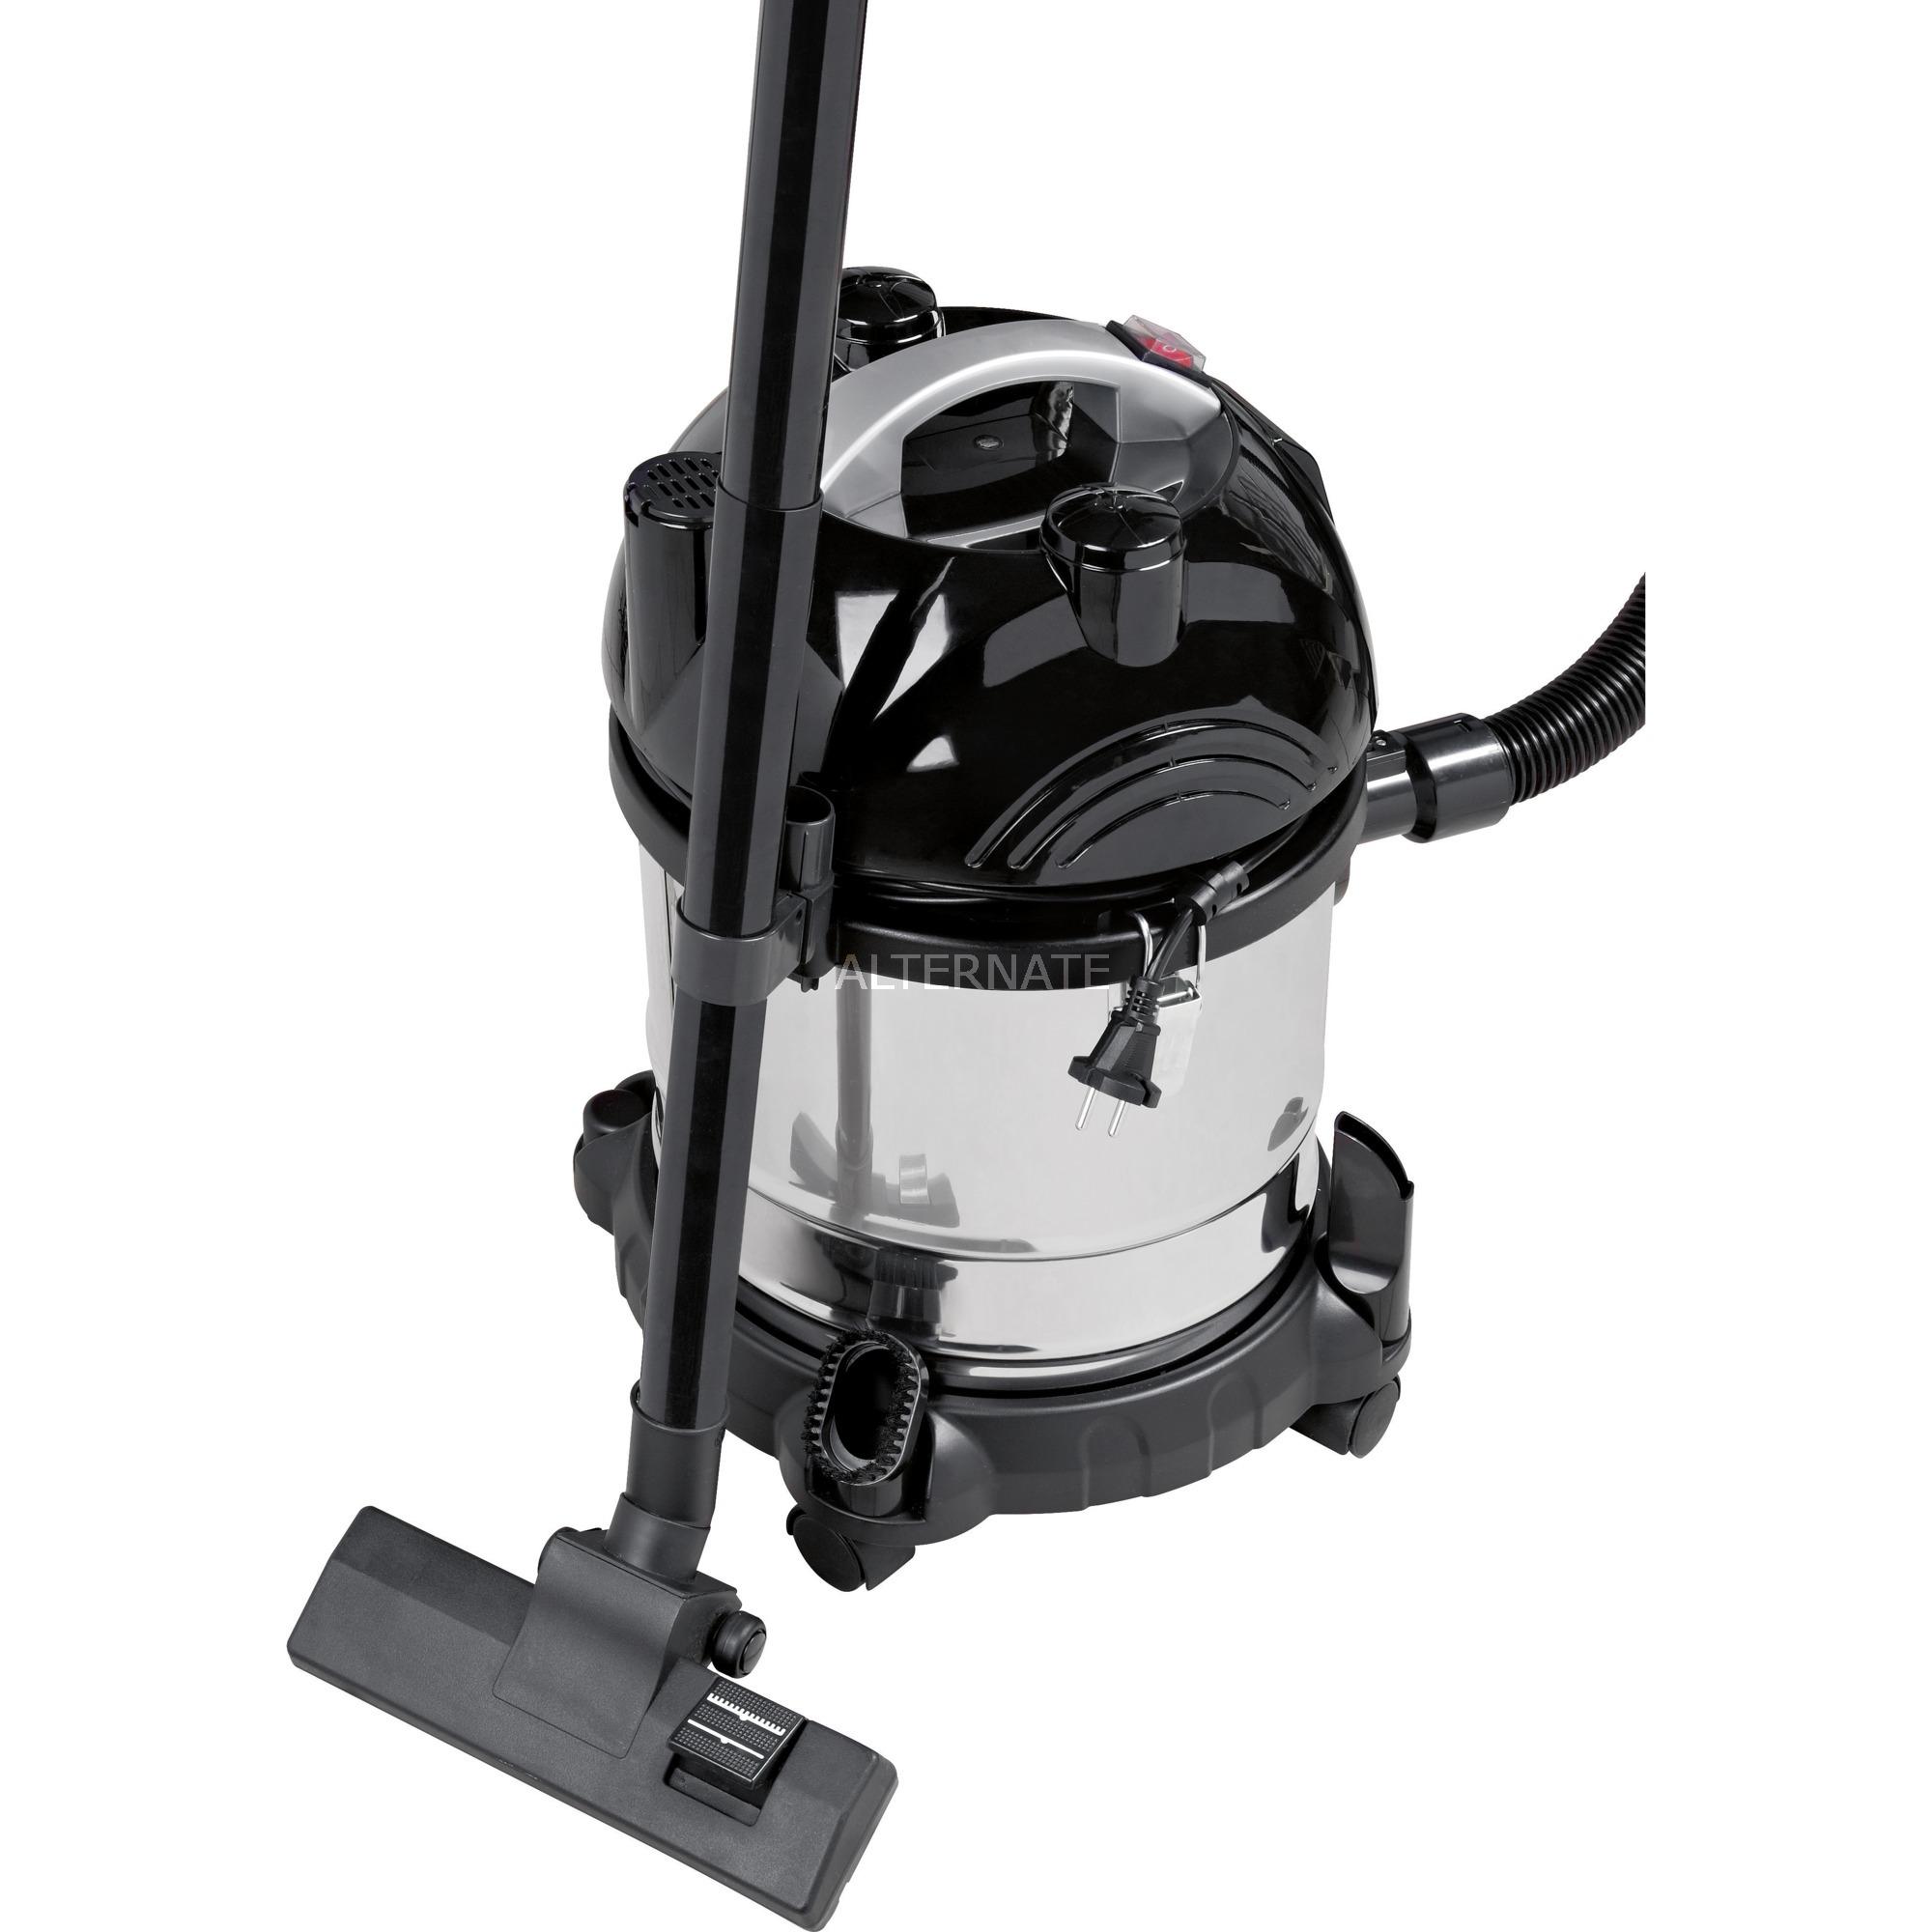 BS 1285 20L 1600W Negro, Acero inoxidable aspiradora, Aspiradora en húmedo y en seco